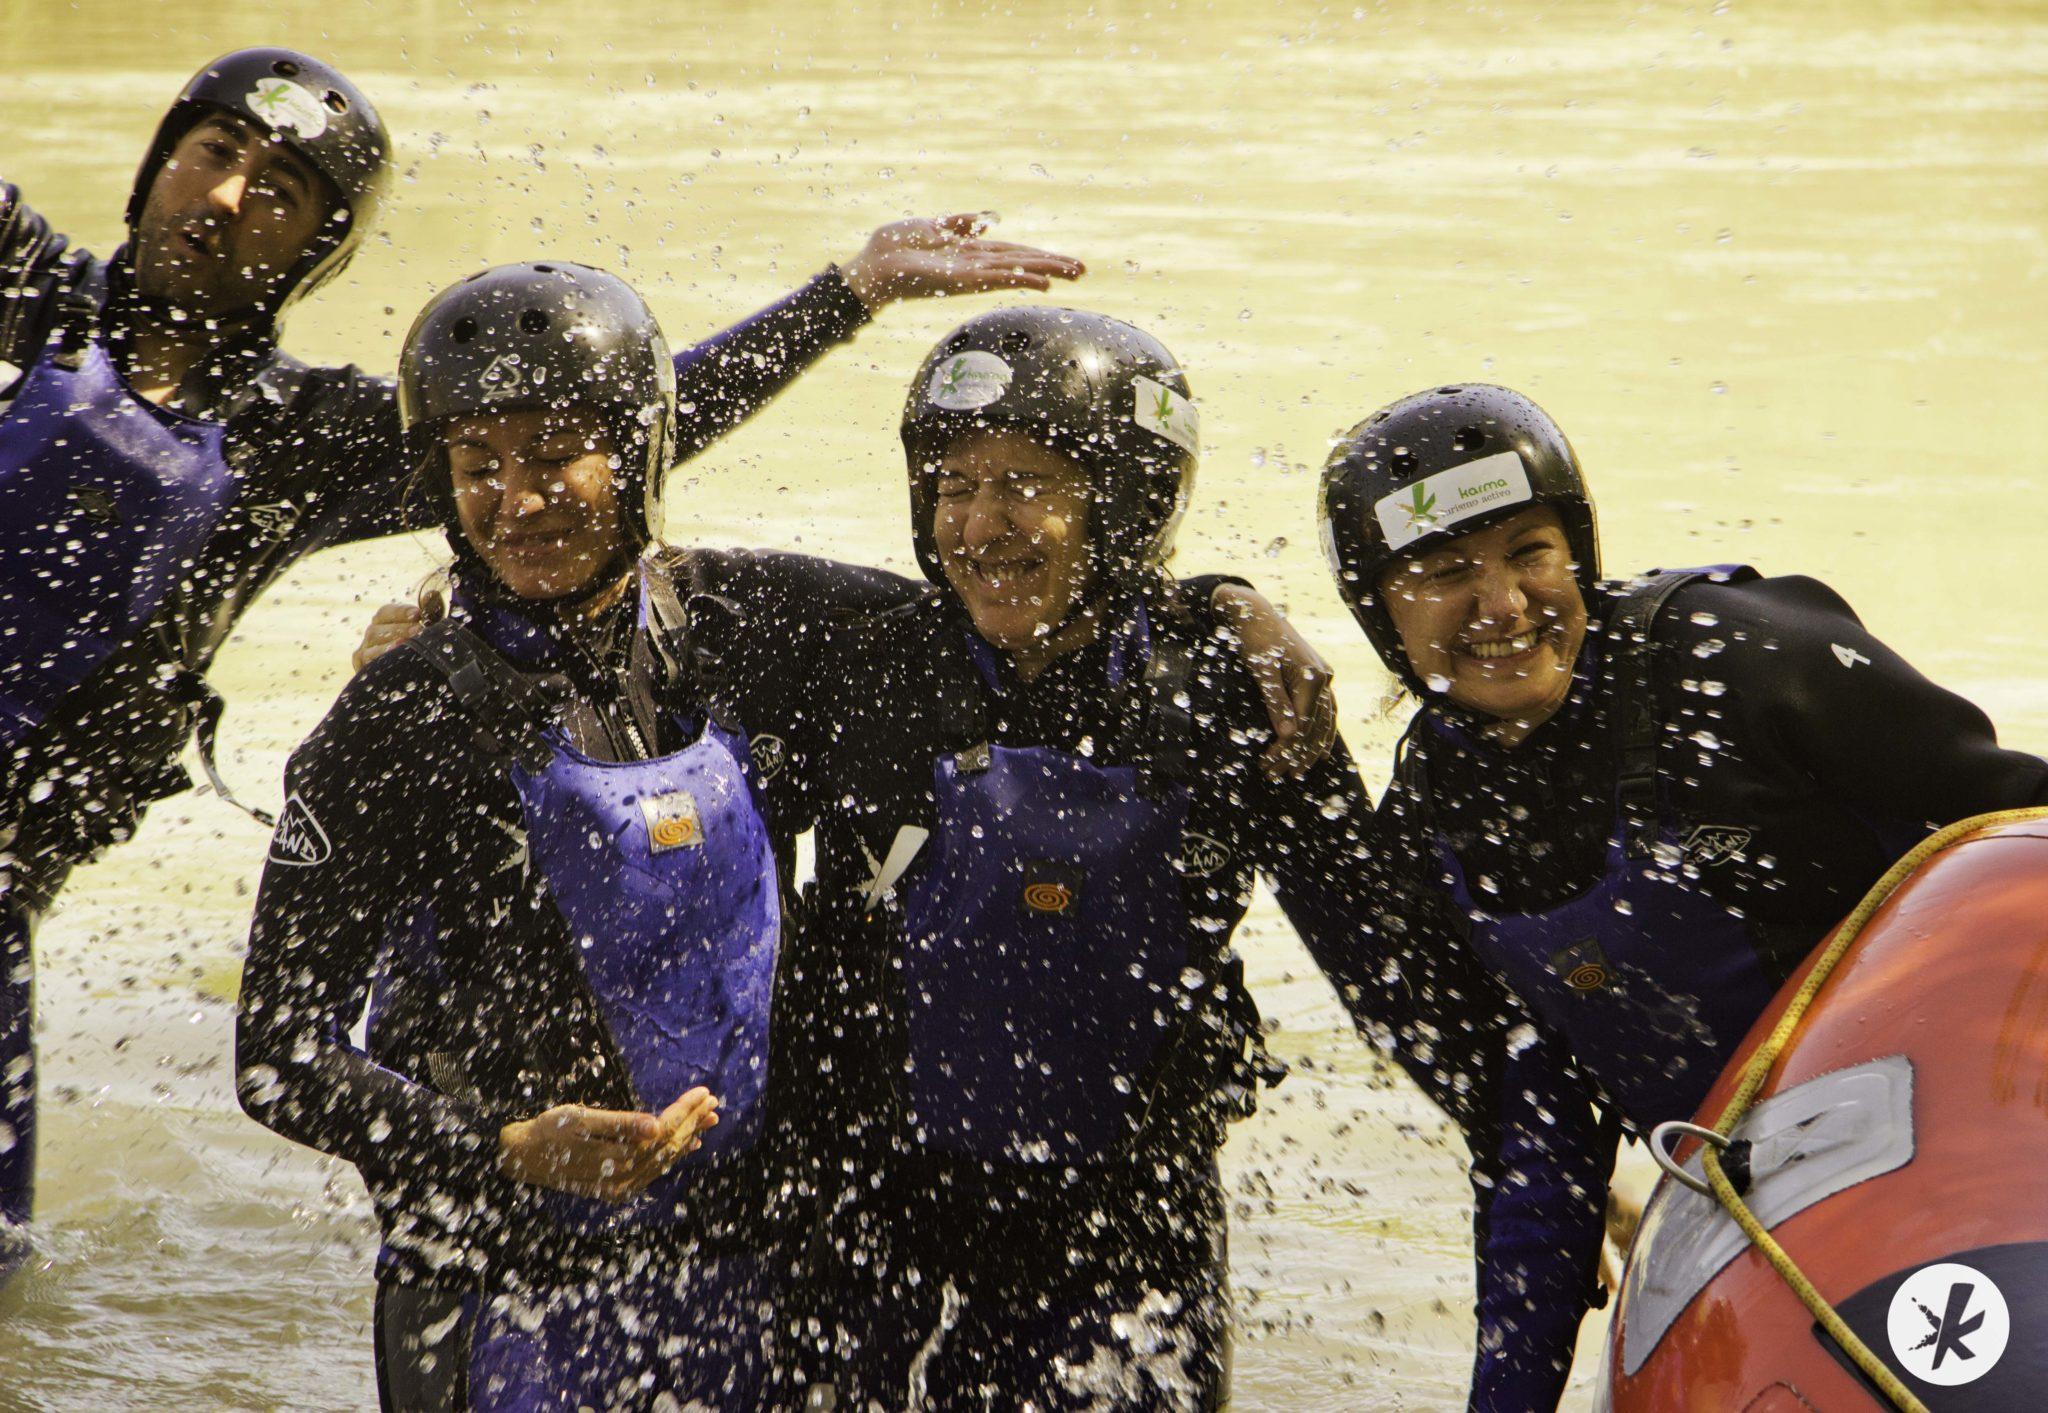 diversión y felicidad haciendo rafting en córdoba